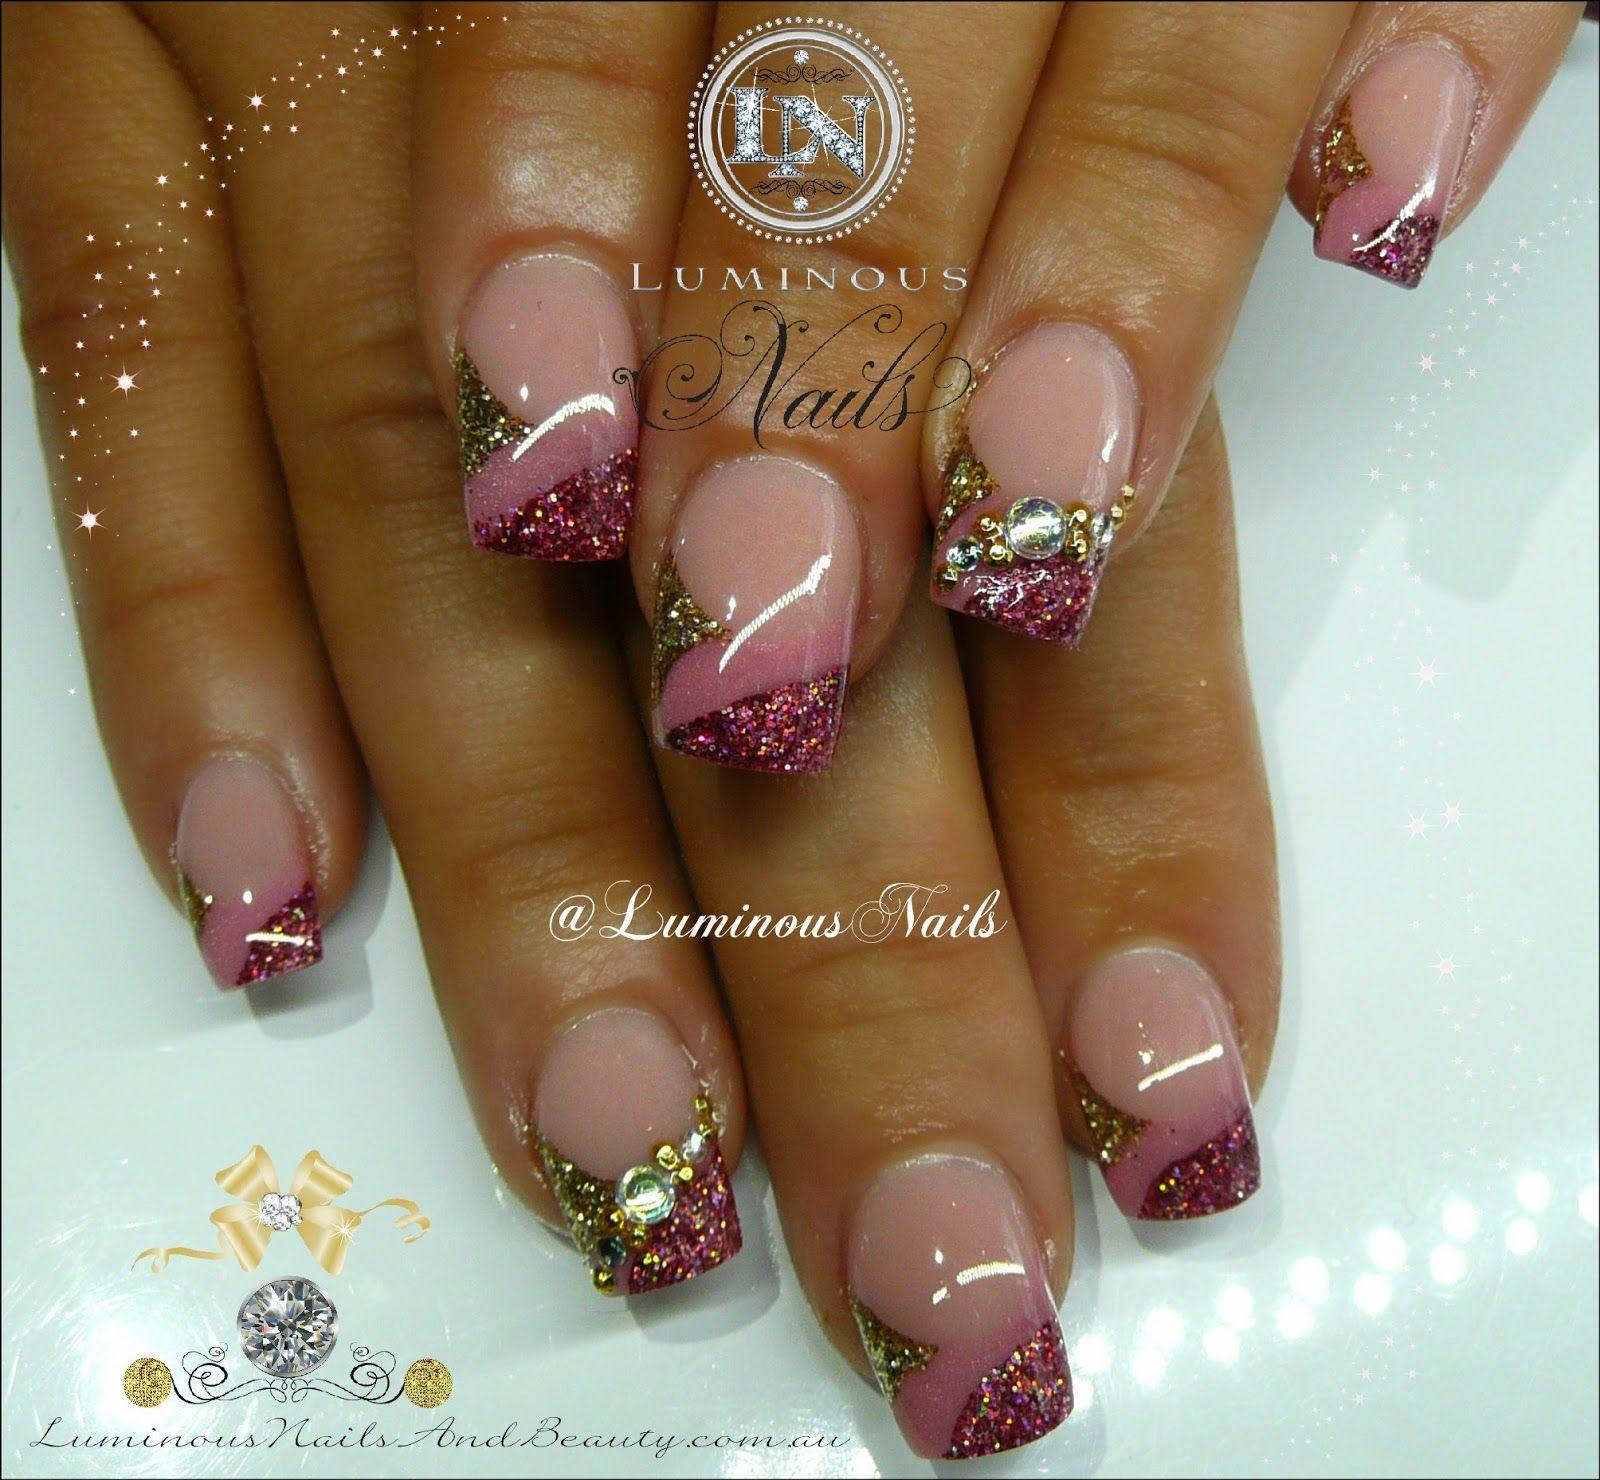 Luminous nails bridesmaid nails rose pink gold nails luminous nails bridesmaid nails rose pink gold nails prinsesfo Choice Image